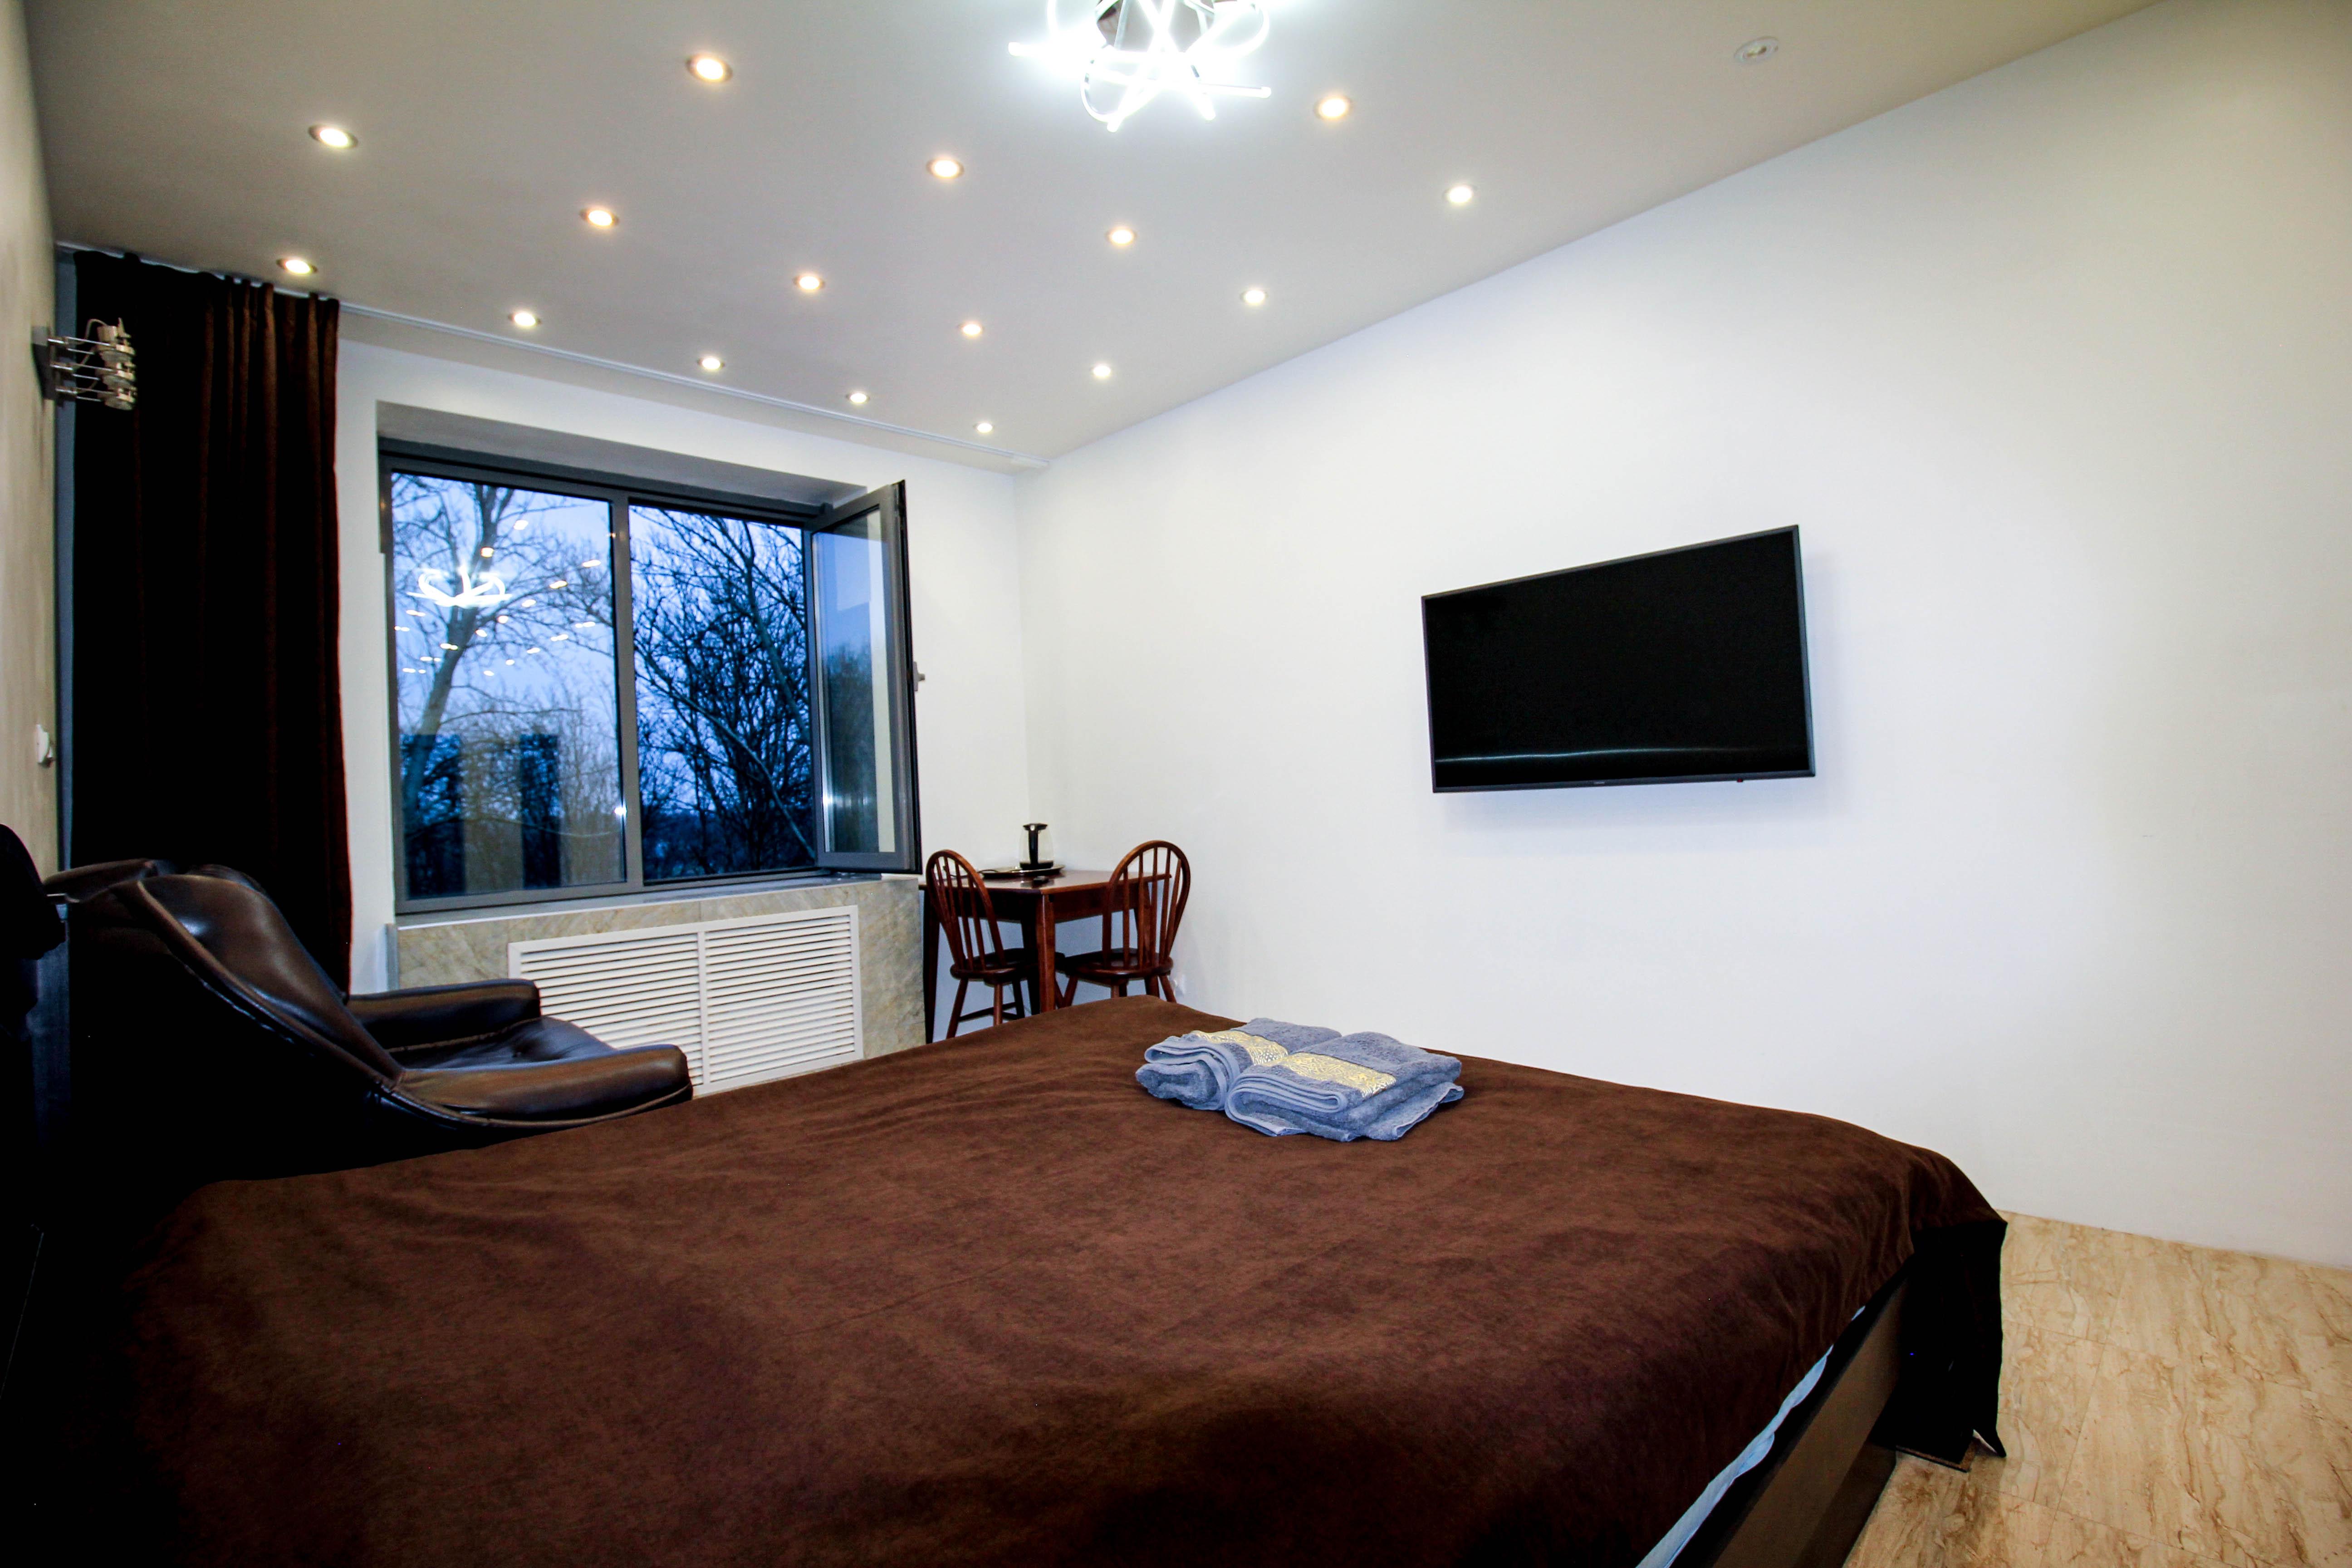 6140 Елагин апарт отель гостиница санкт-